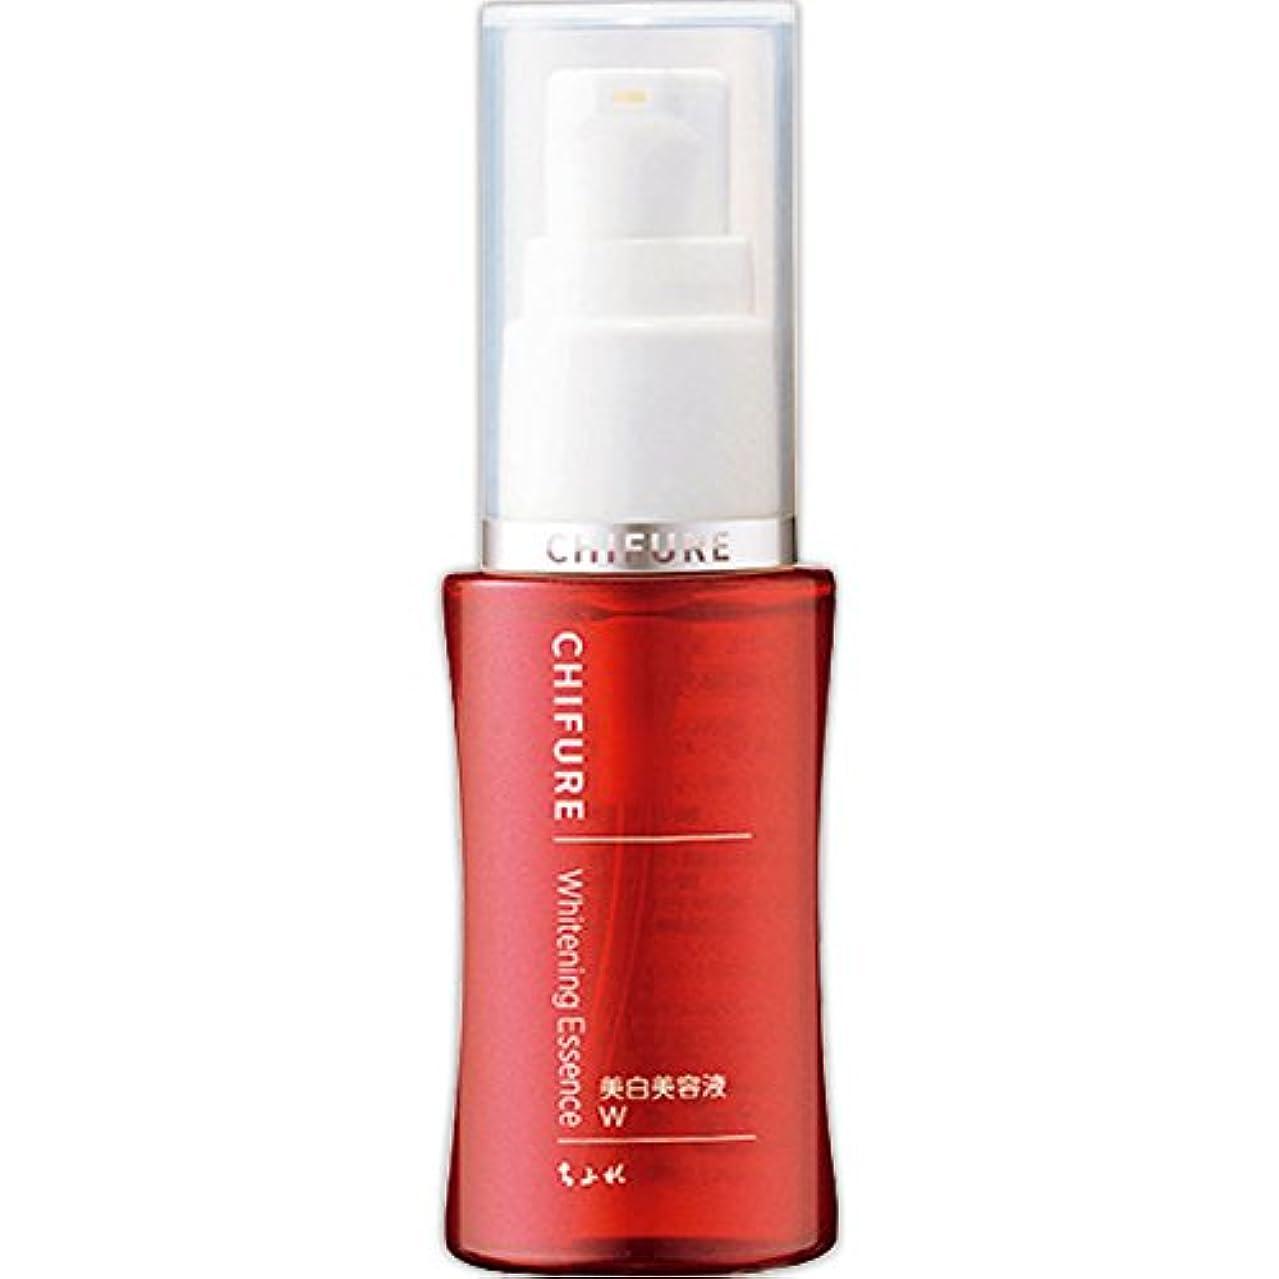 ポインタきゅうり要件ちふれ化粧品 美白美容液 W 30ML (医薬部外品)